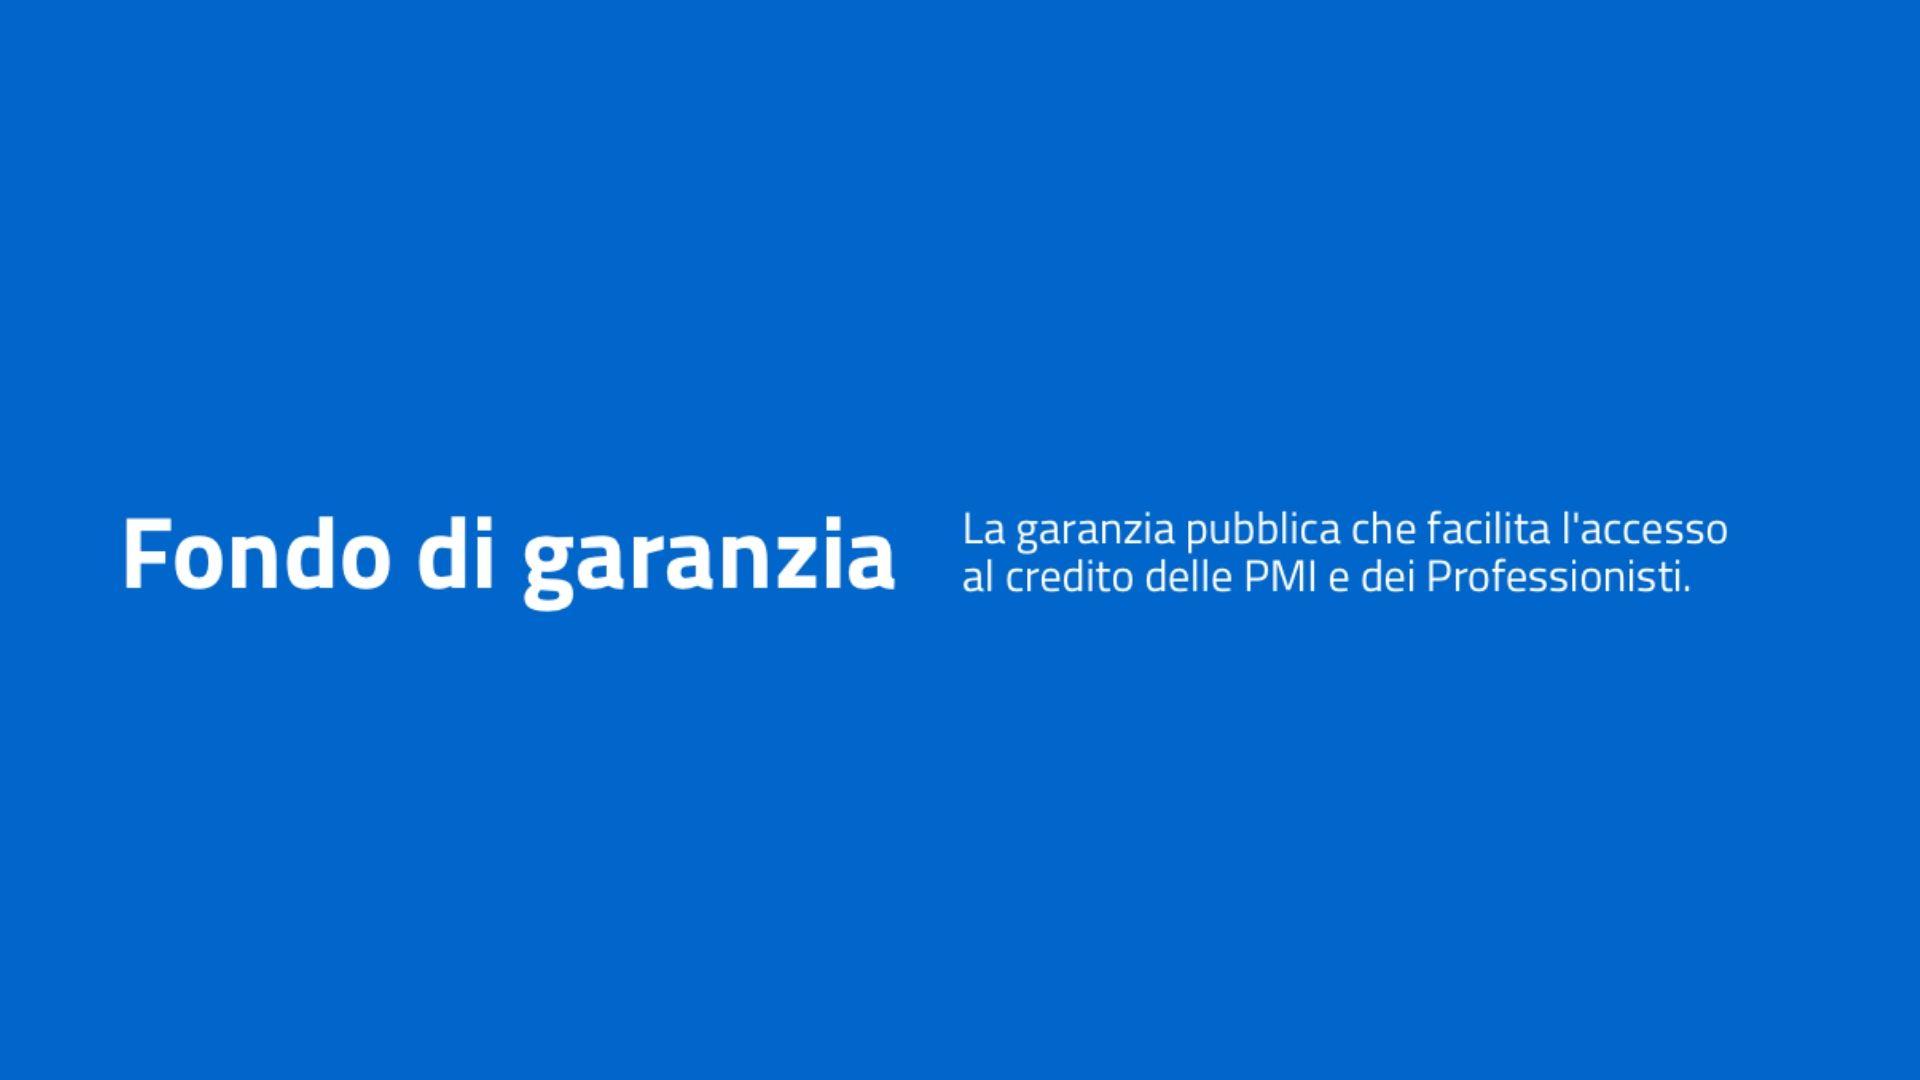 Fondo di garanzia v2. Rese operative le modifiche operative imposte dallart. 13 del d.l liquidita durante la fase di conversione in legge.